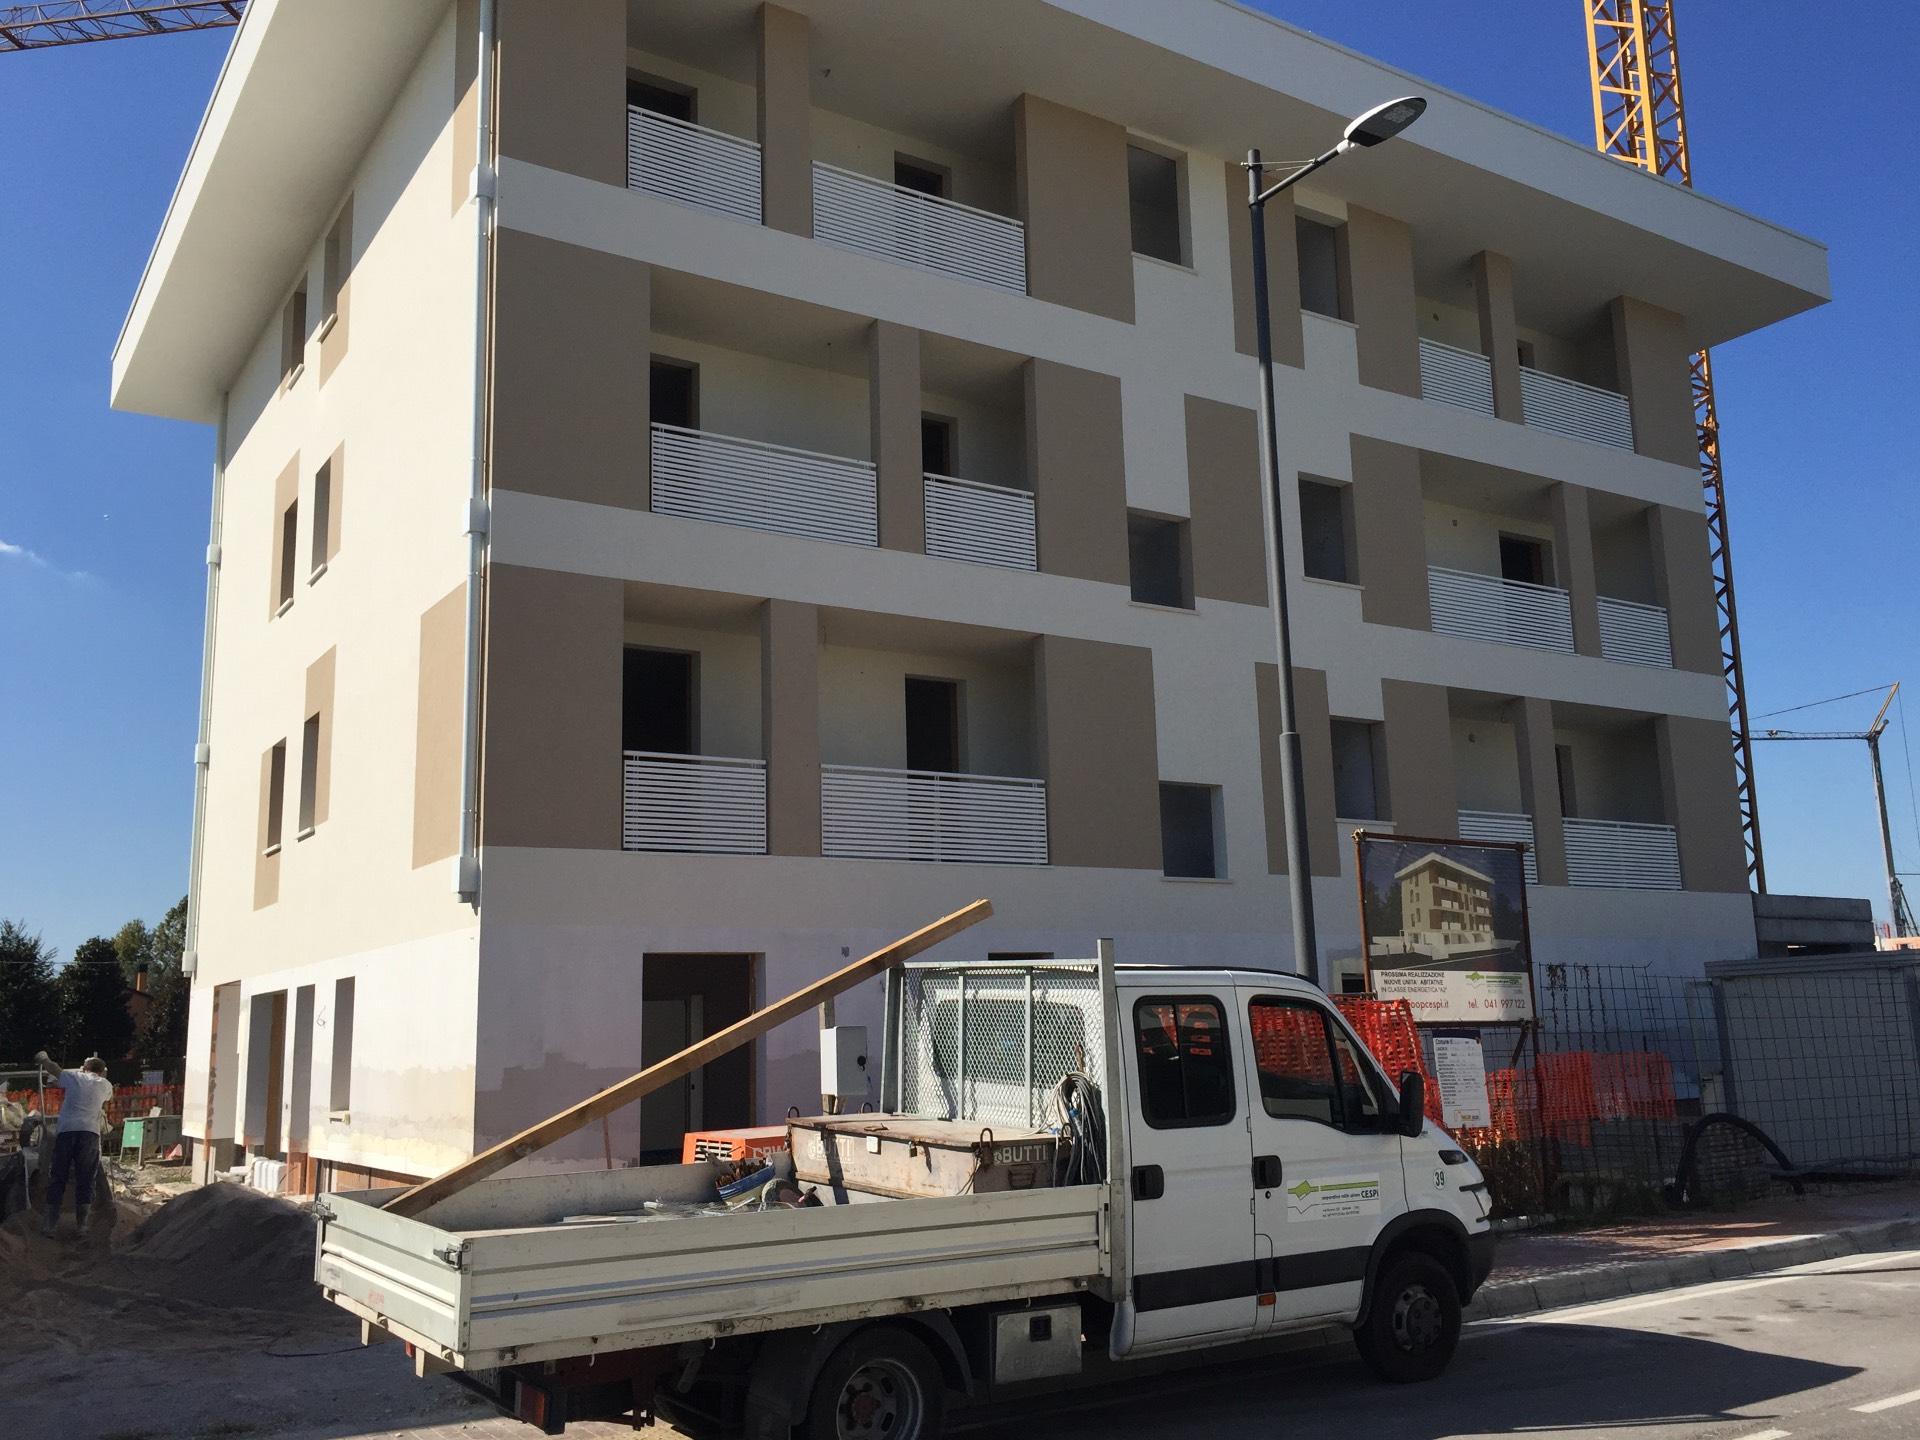 Appartamento in vendita a Salzano, 6 locali, prezzo € 200.000 | CambioCasa.it